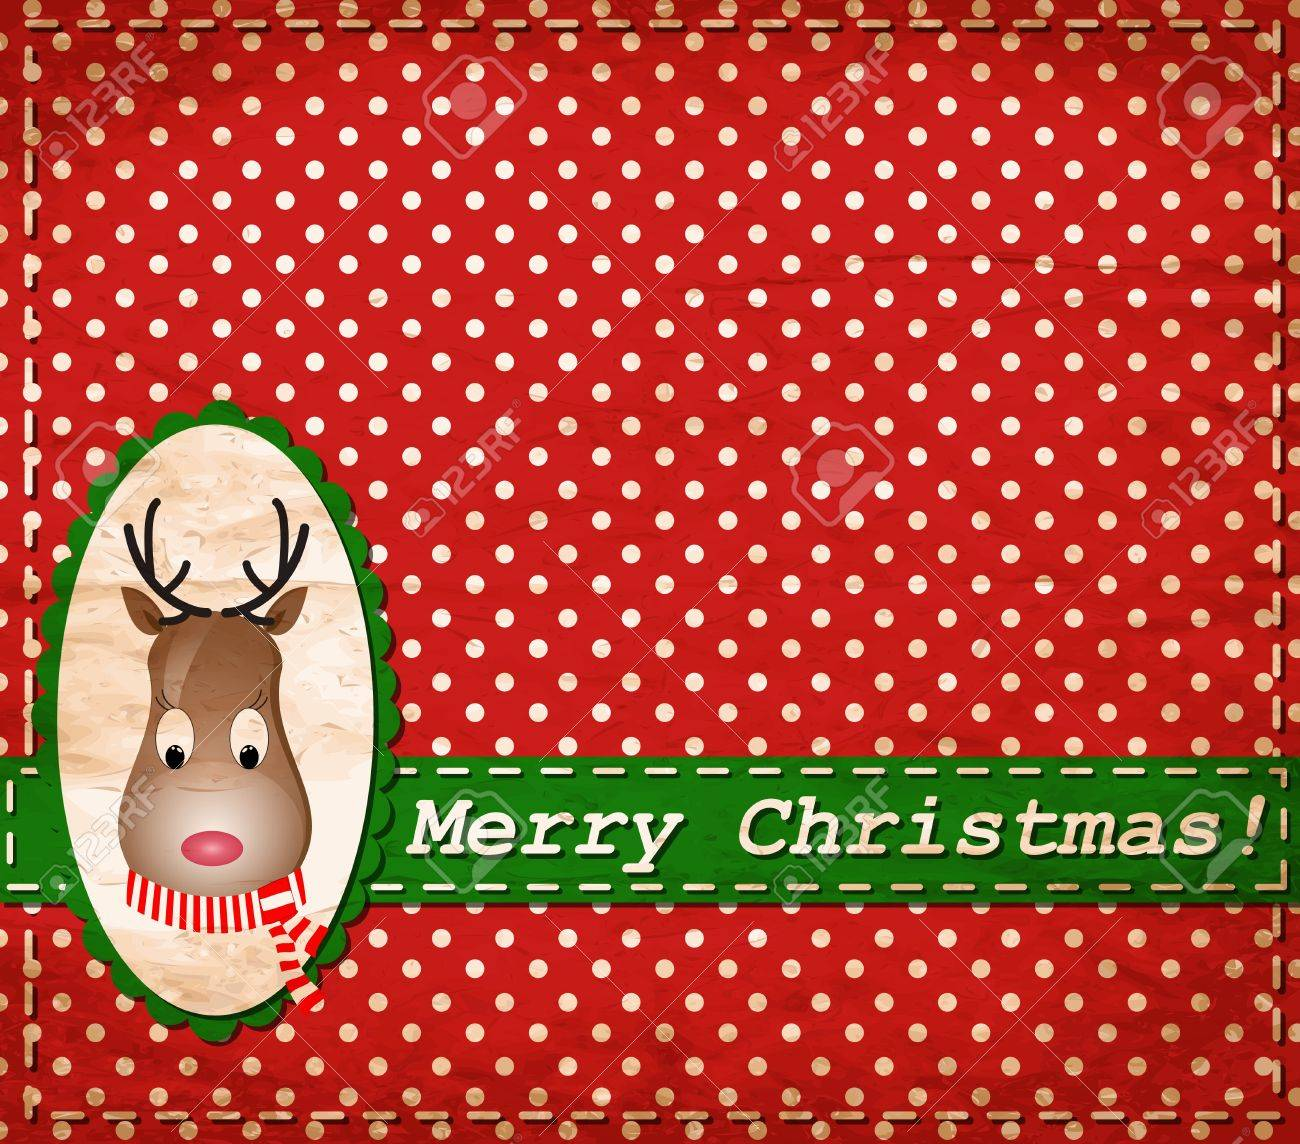 Santa Claus Deer vintage Christmas card Stock Vector - 15603551